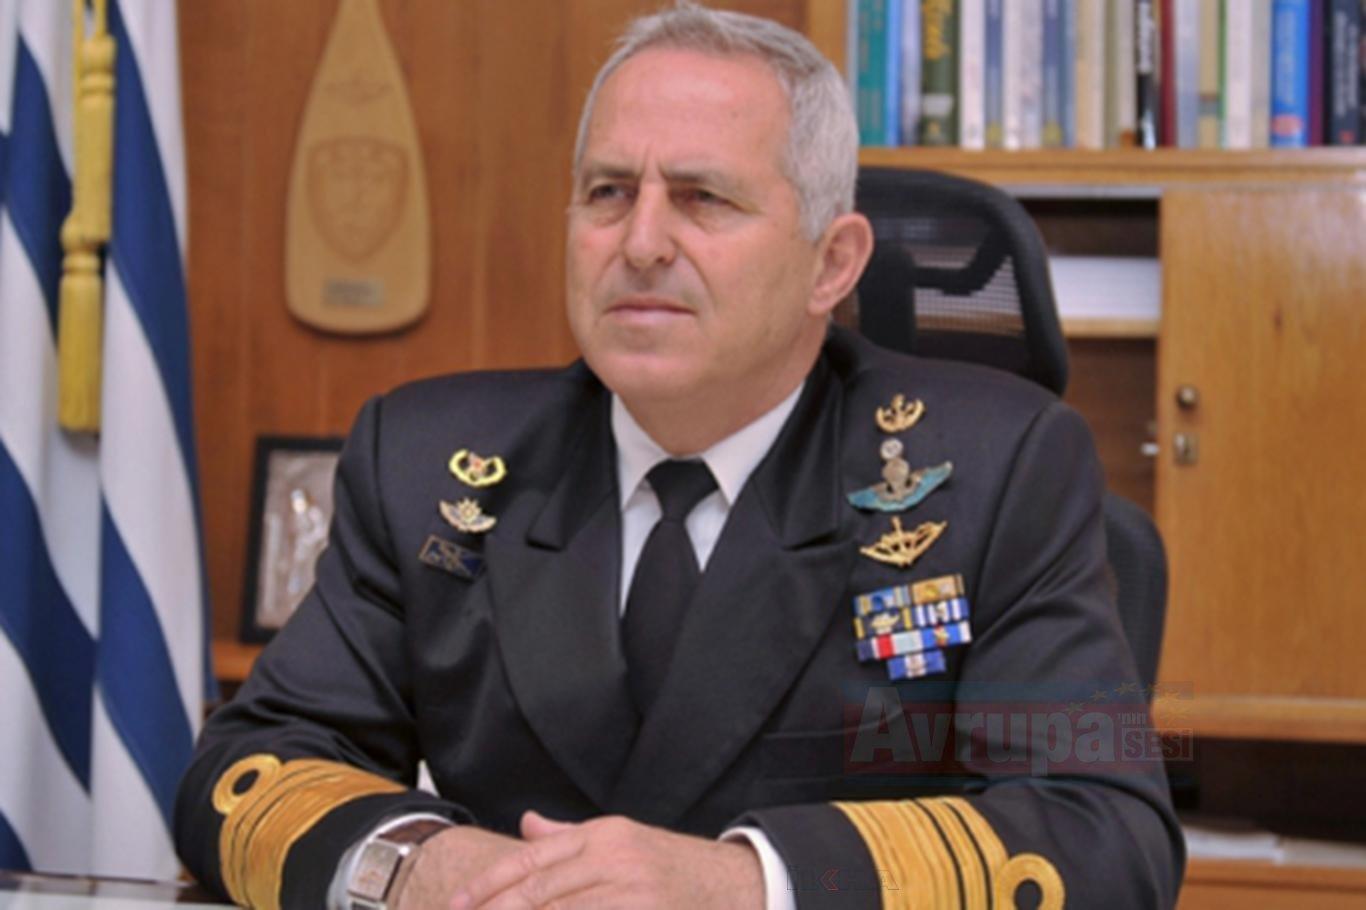 Yunanistan'da yeni Savunma Bakanı görevine başladı